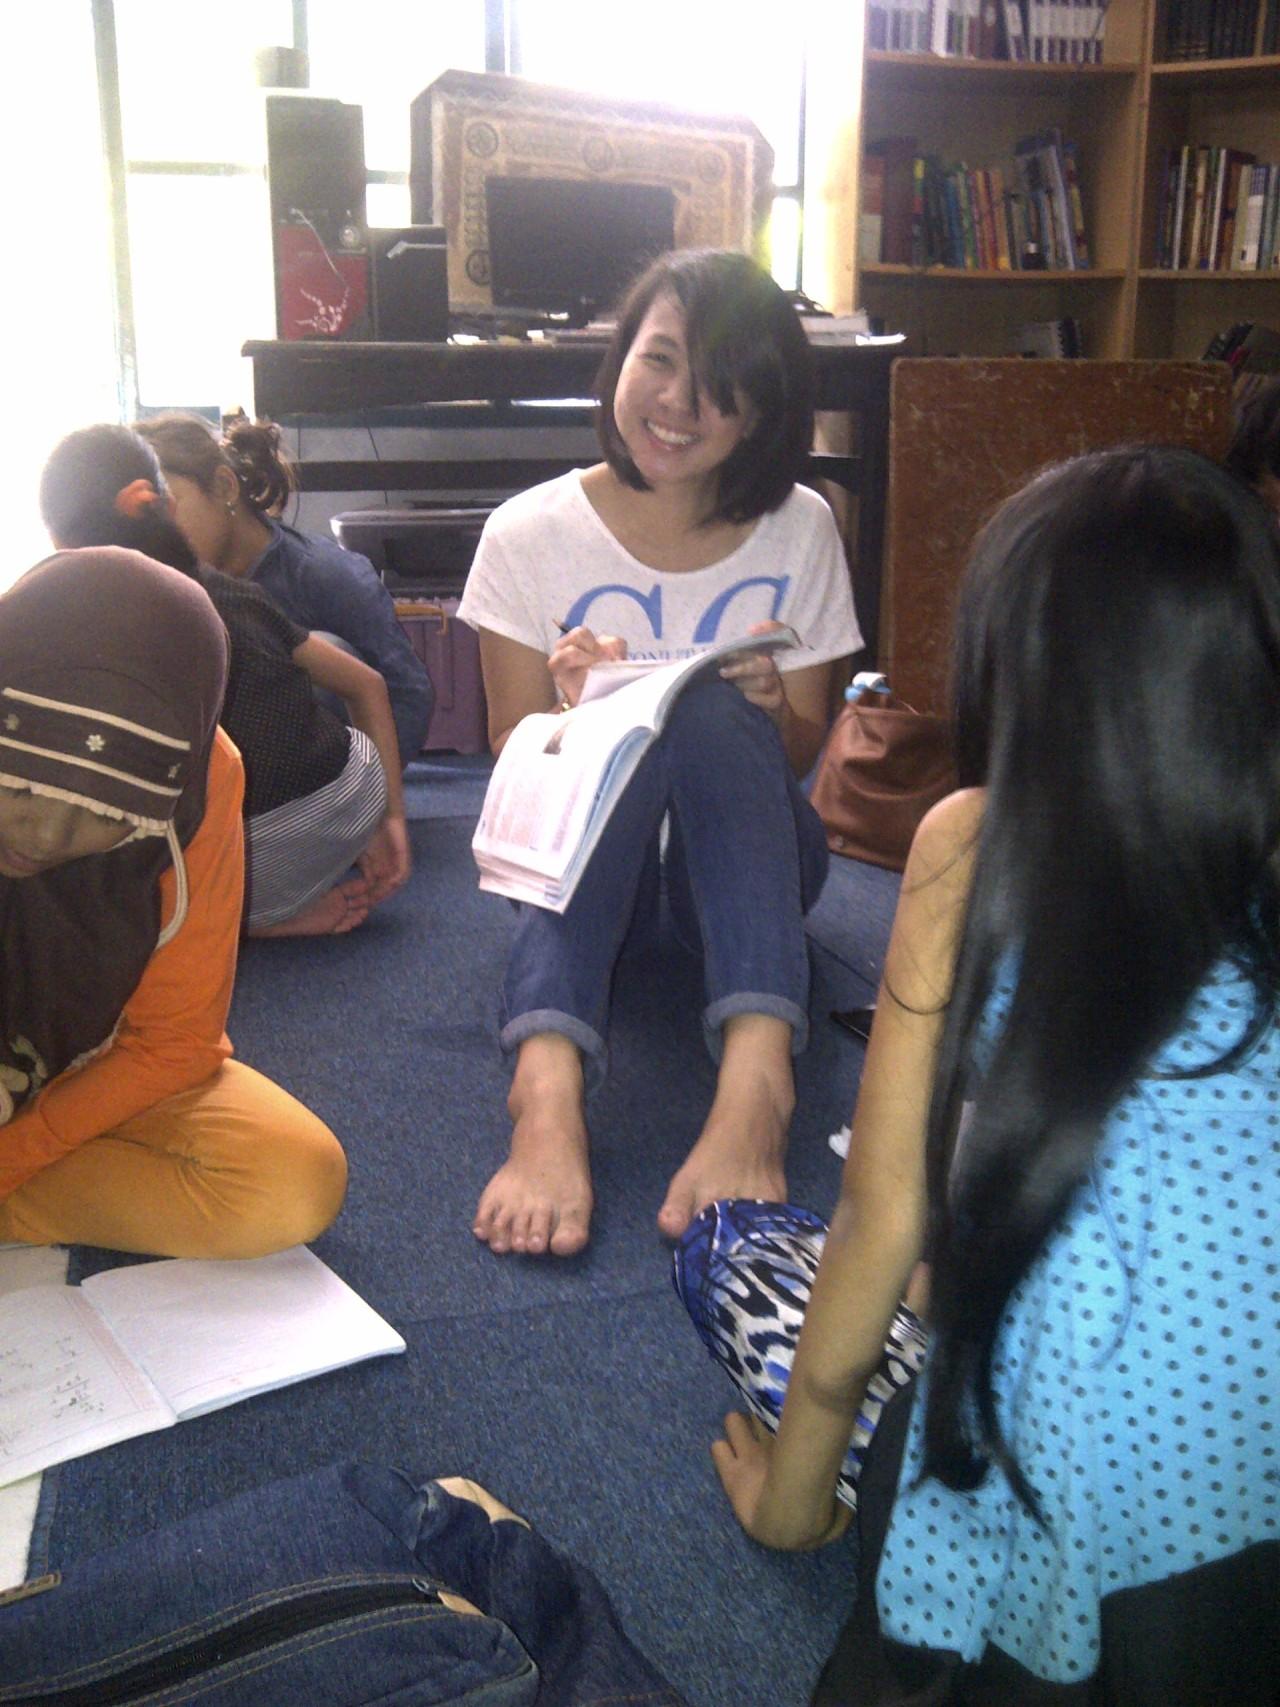 Bimbingan Belajar Sd Di Jogja Soal Bahasa Inggris Kelas 1